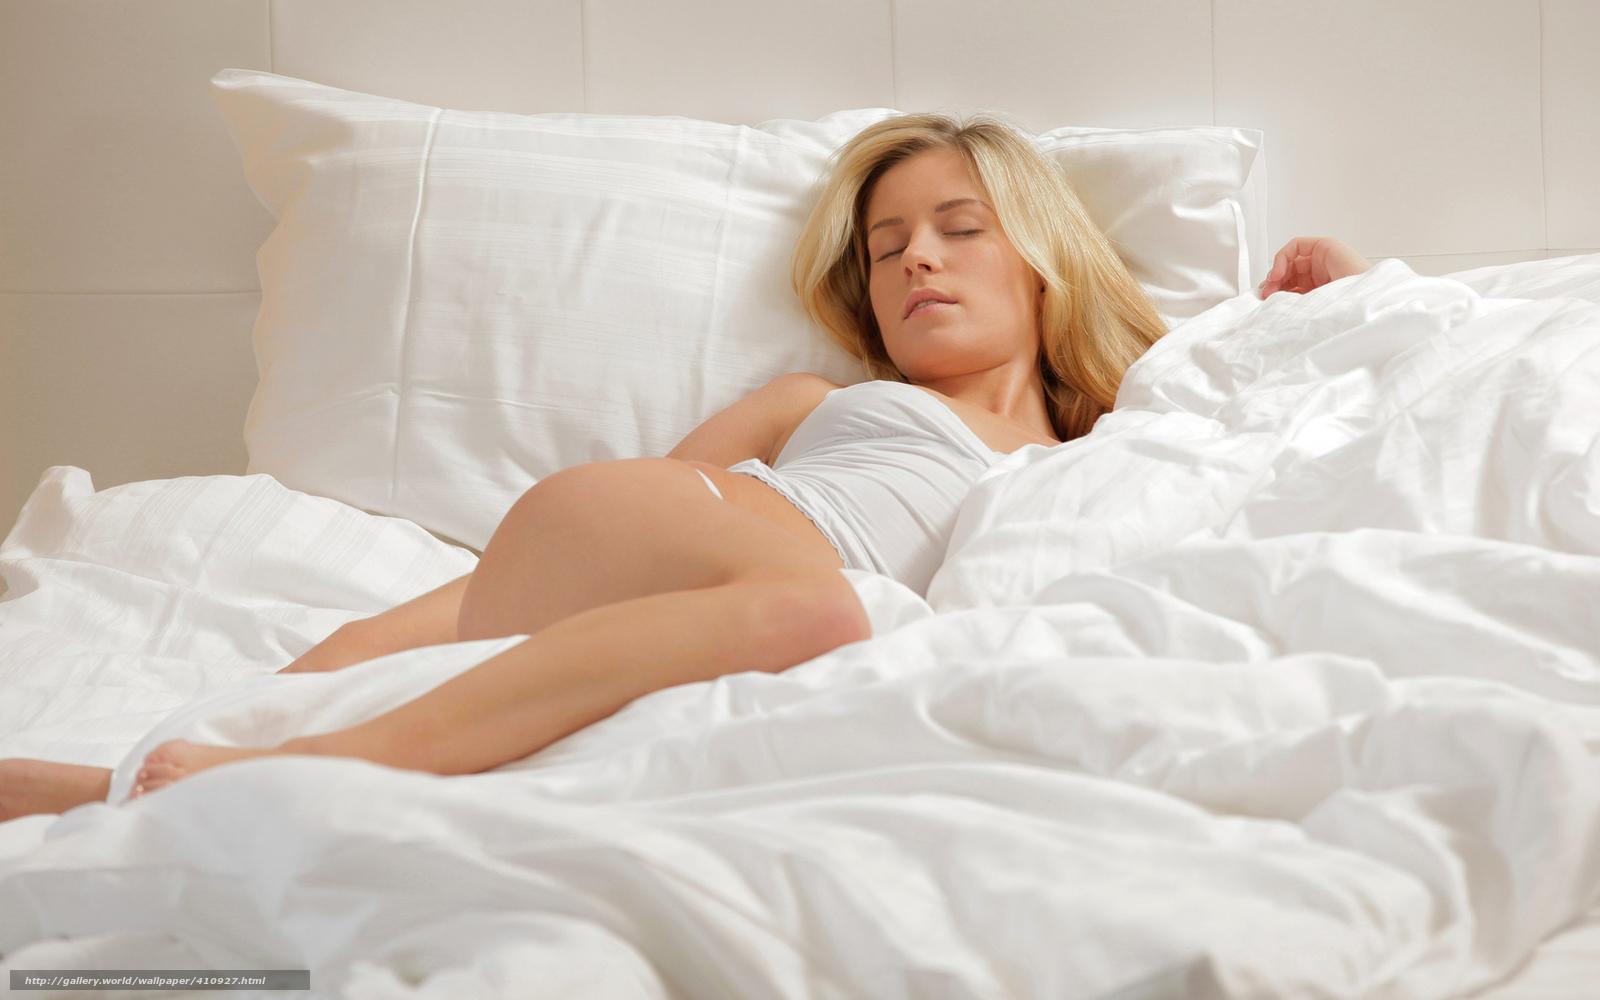 Фото девушек в кроватей блондинка 12 фотография